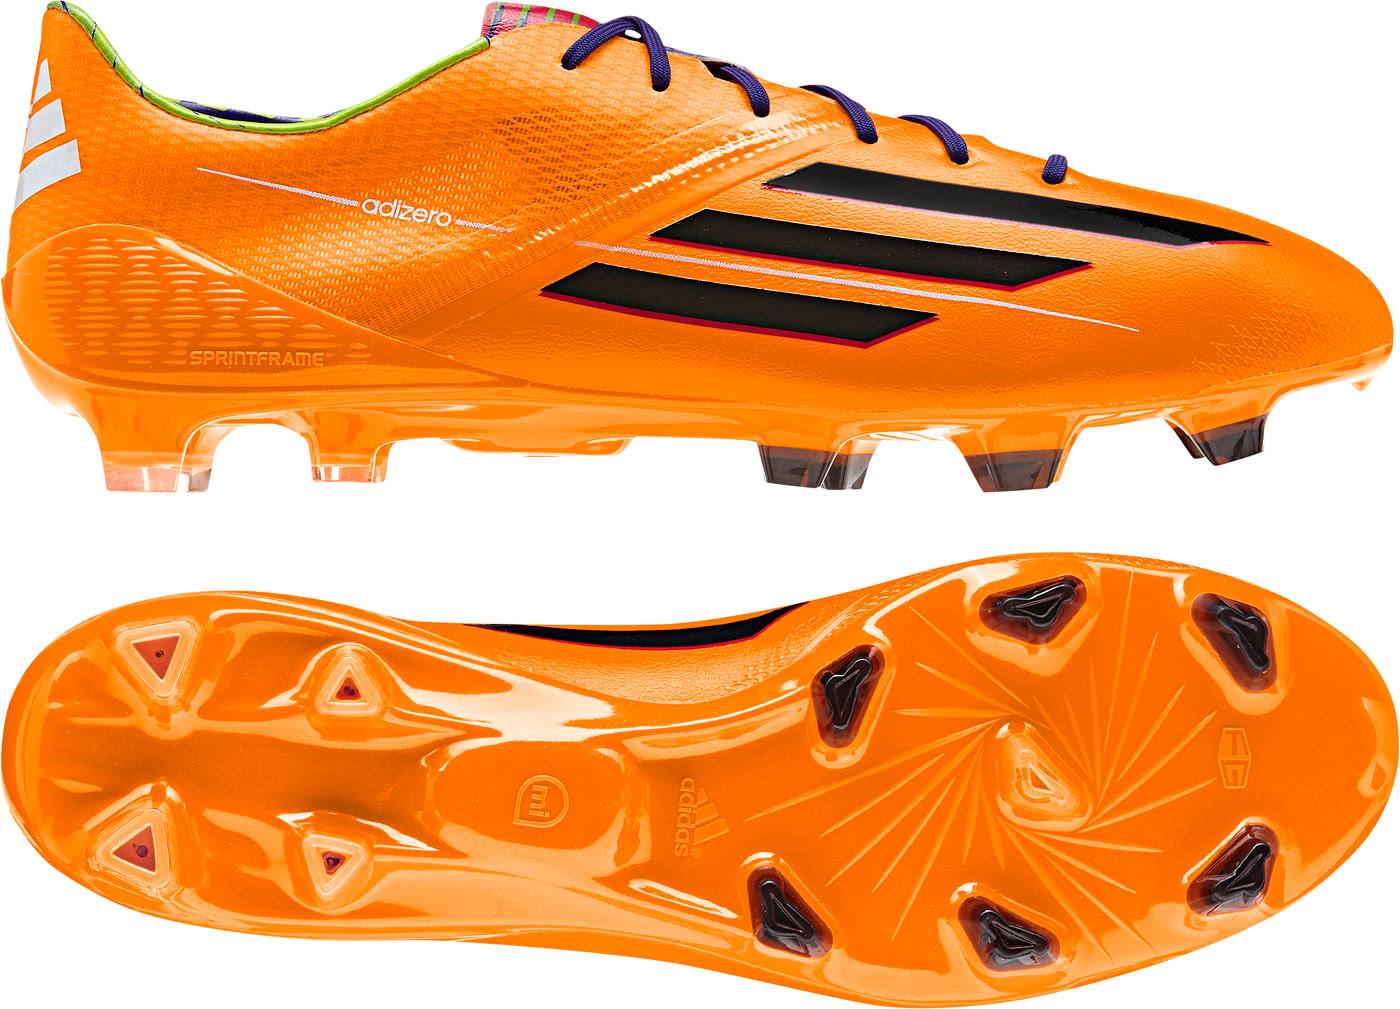 Adidas F50 adizero IV TRX FG Colorway der Fußballschuhe